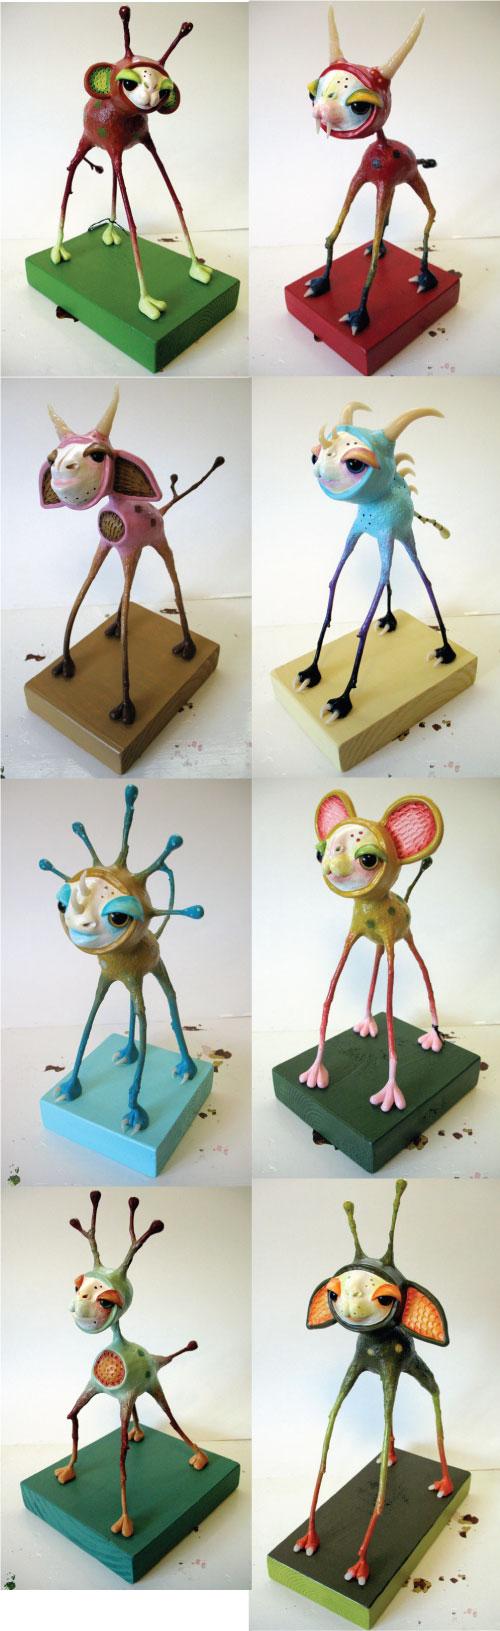 4-legged_sculptures